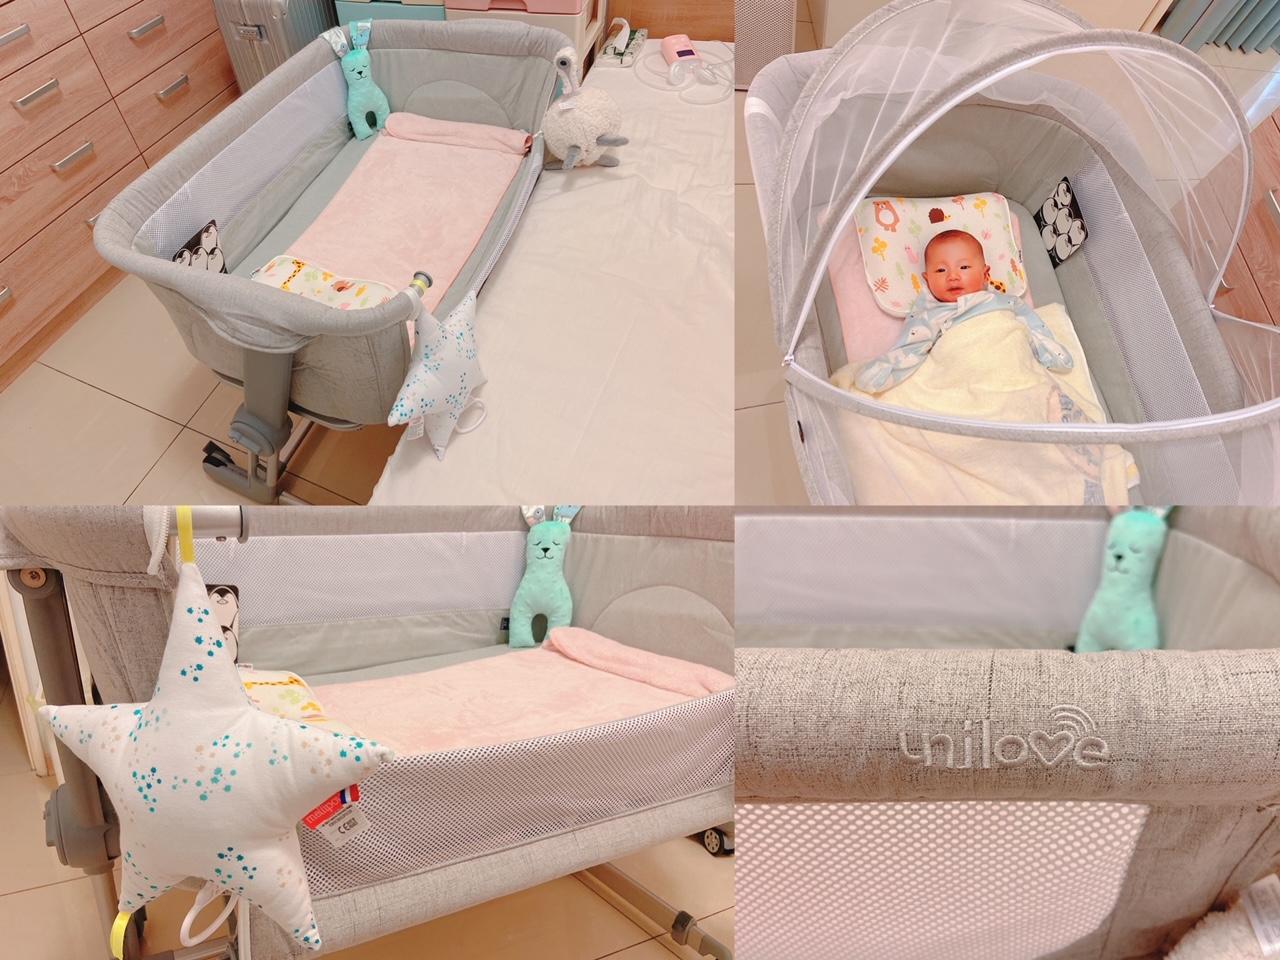 《育兒》新手媽咪的嬰兒床首選!幫助妳輕鬆育兒的輕美型unilove床邊床